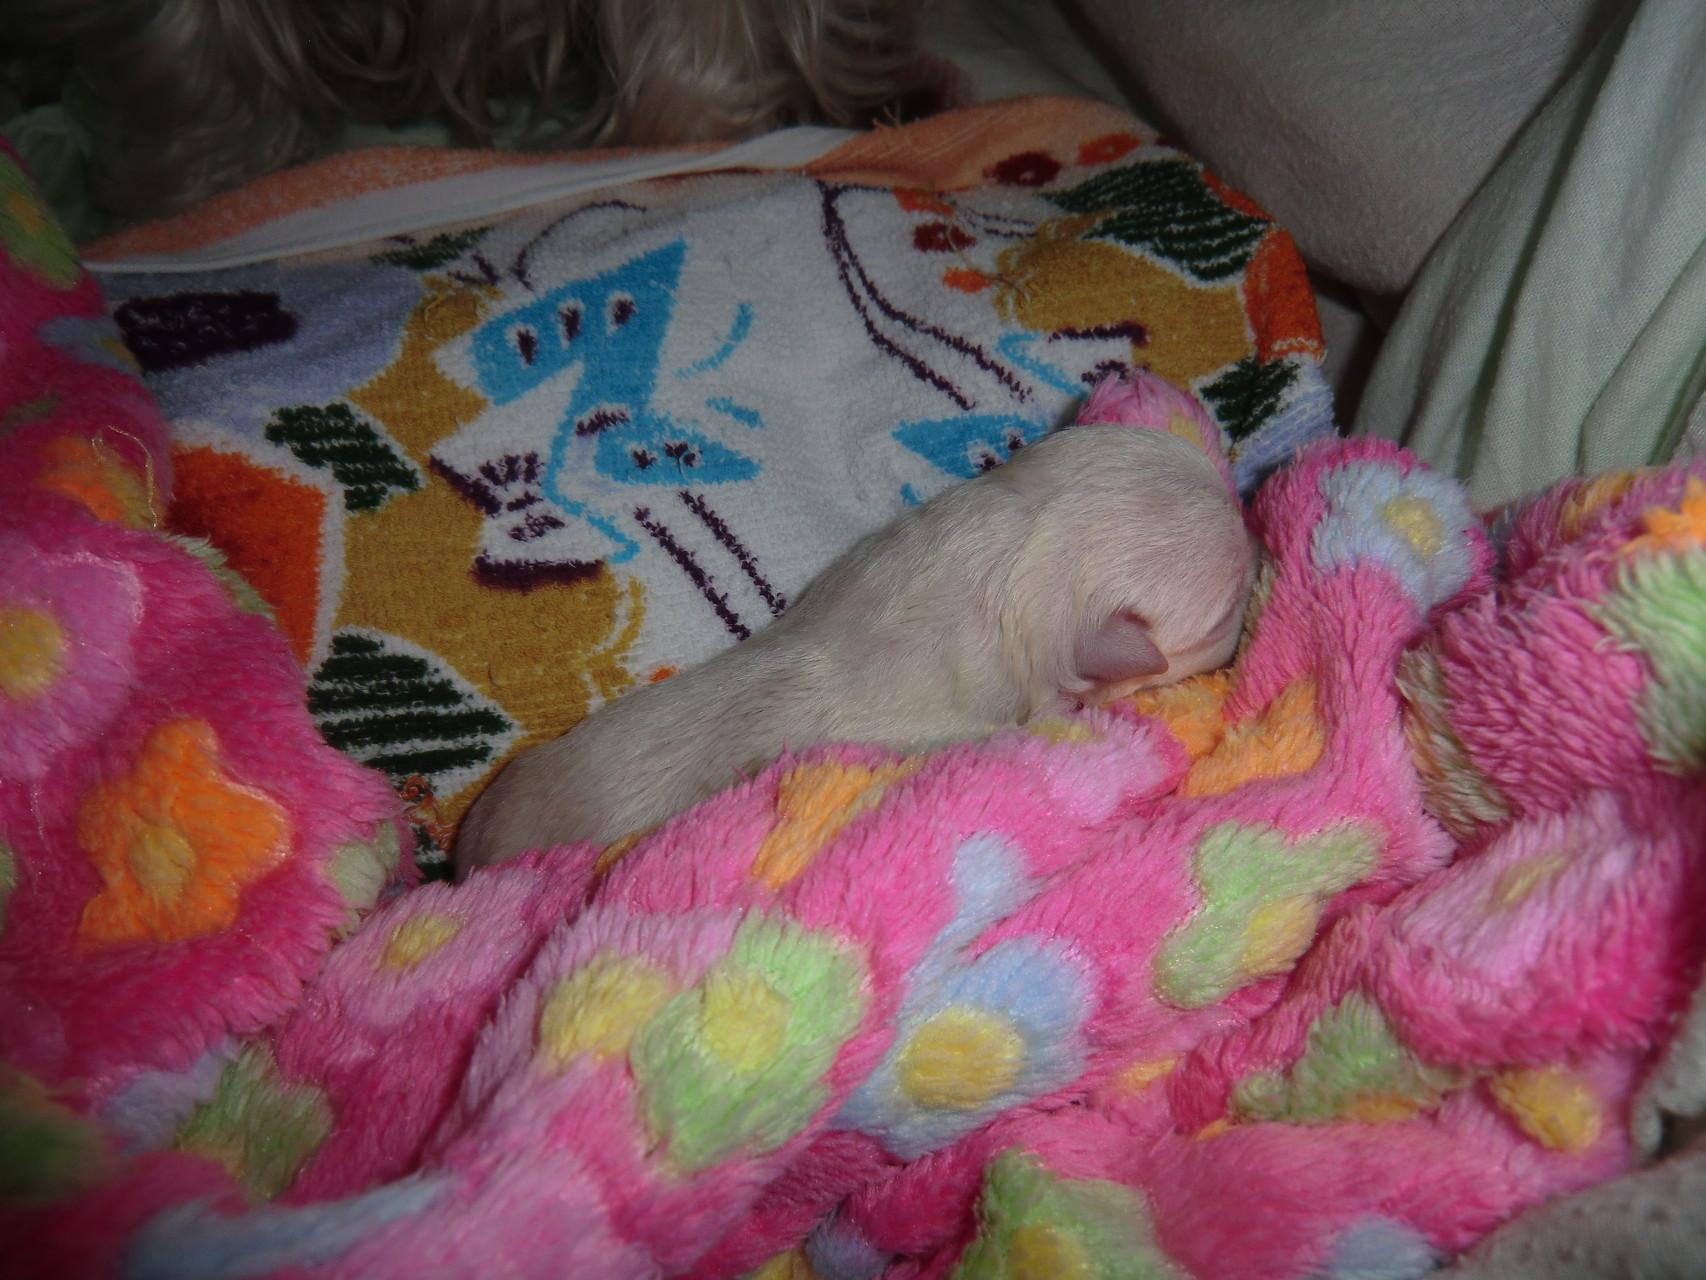 Unser erstes Baby - ein Mädchen - ist geboren